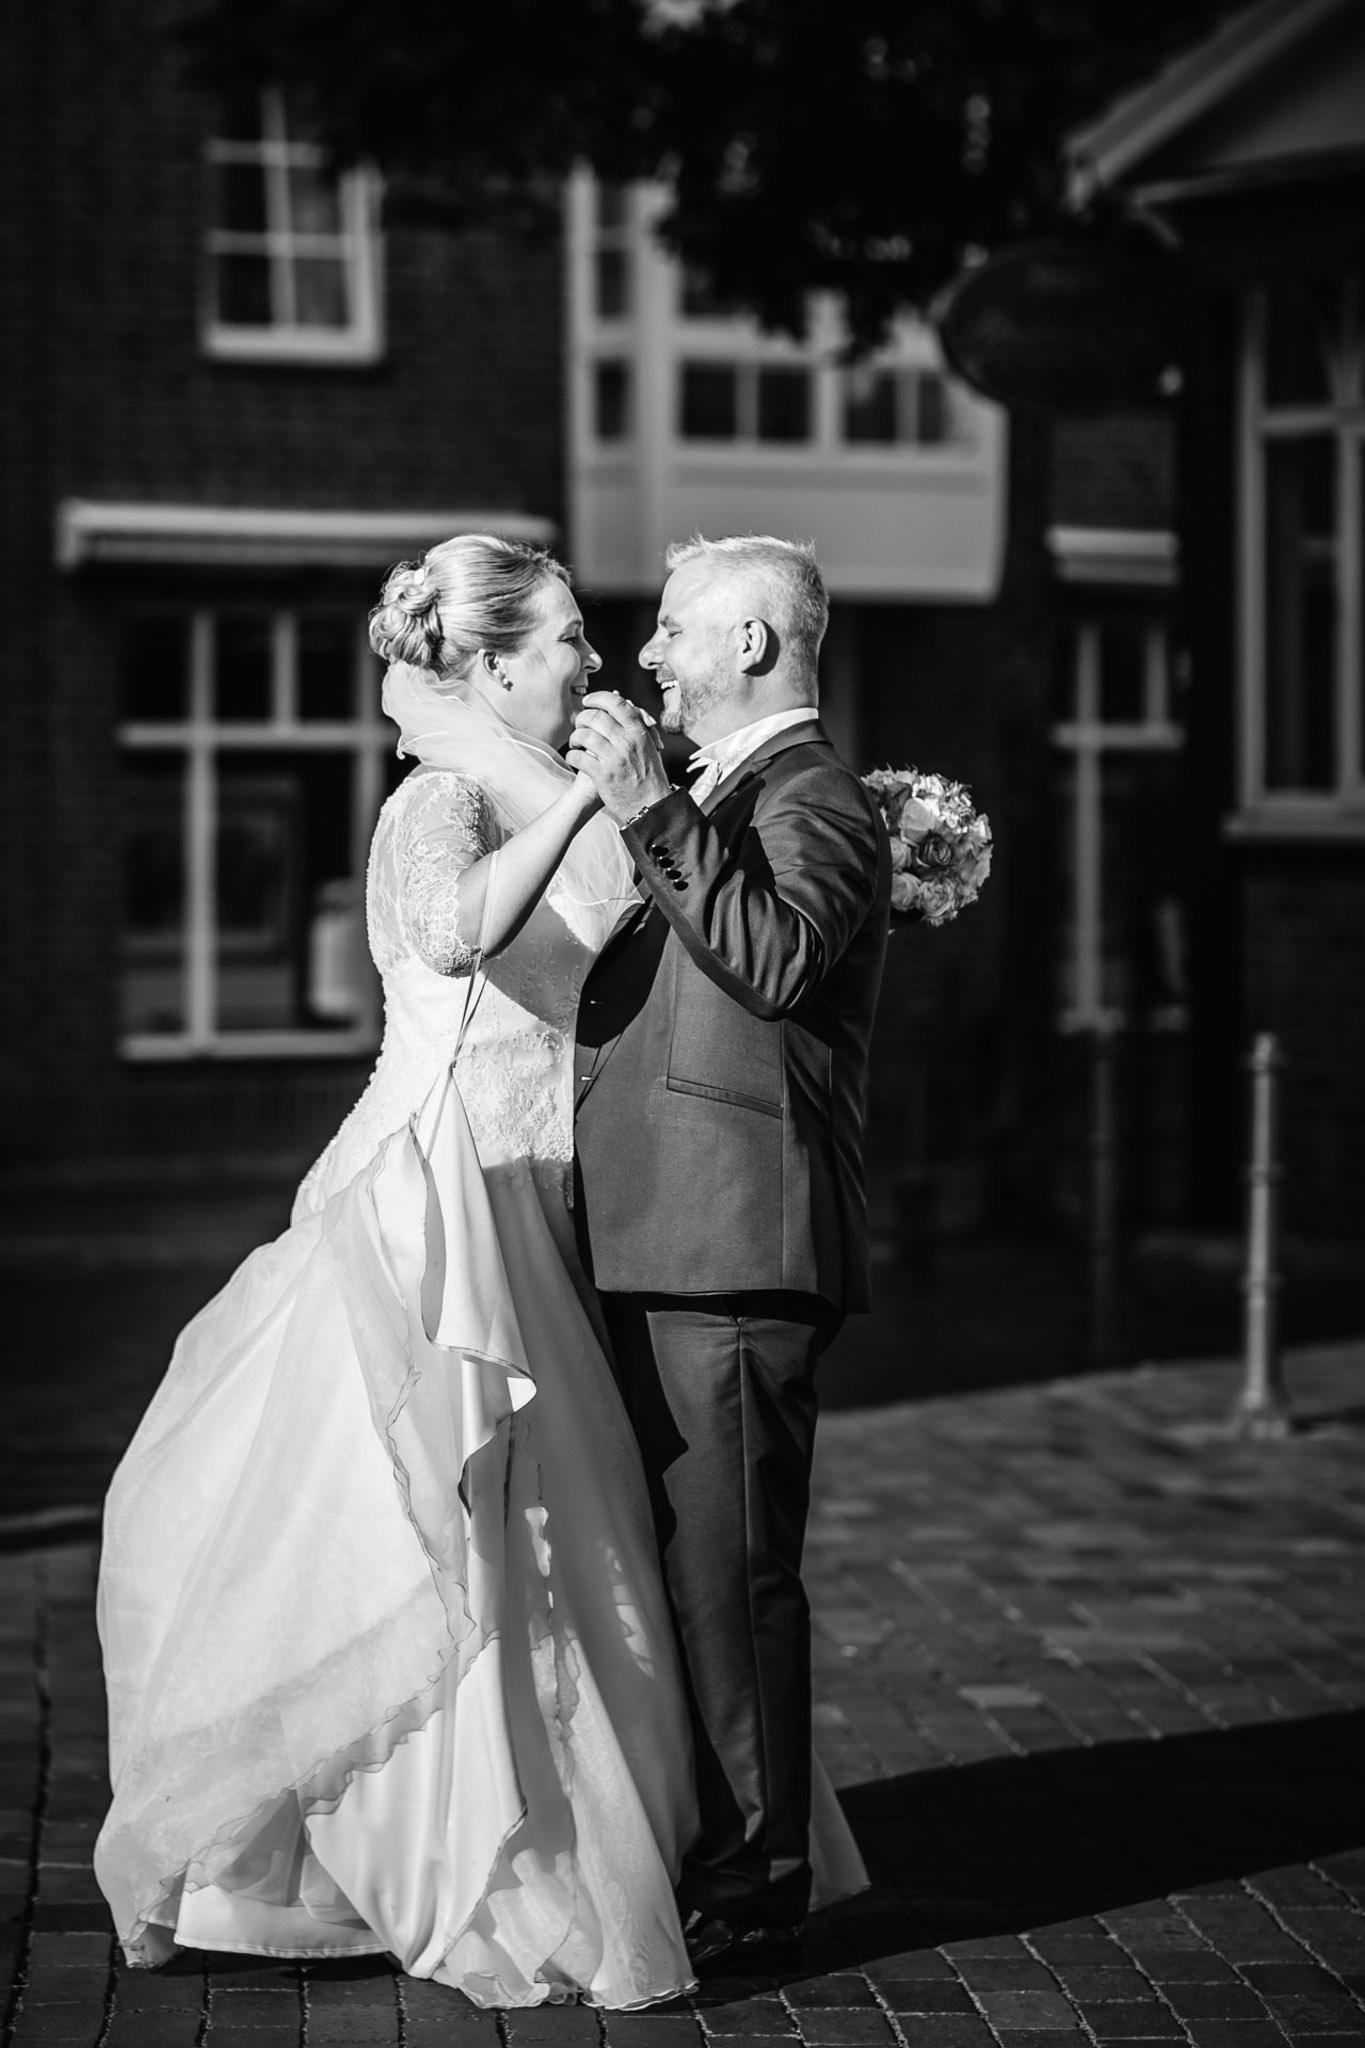 Brautpaartanz auf der Straße